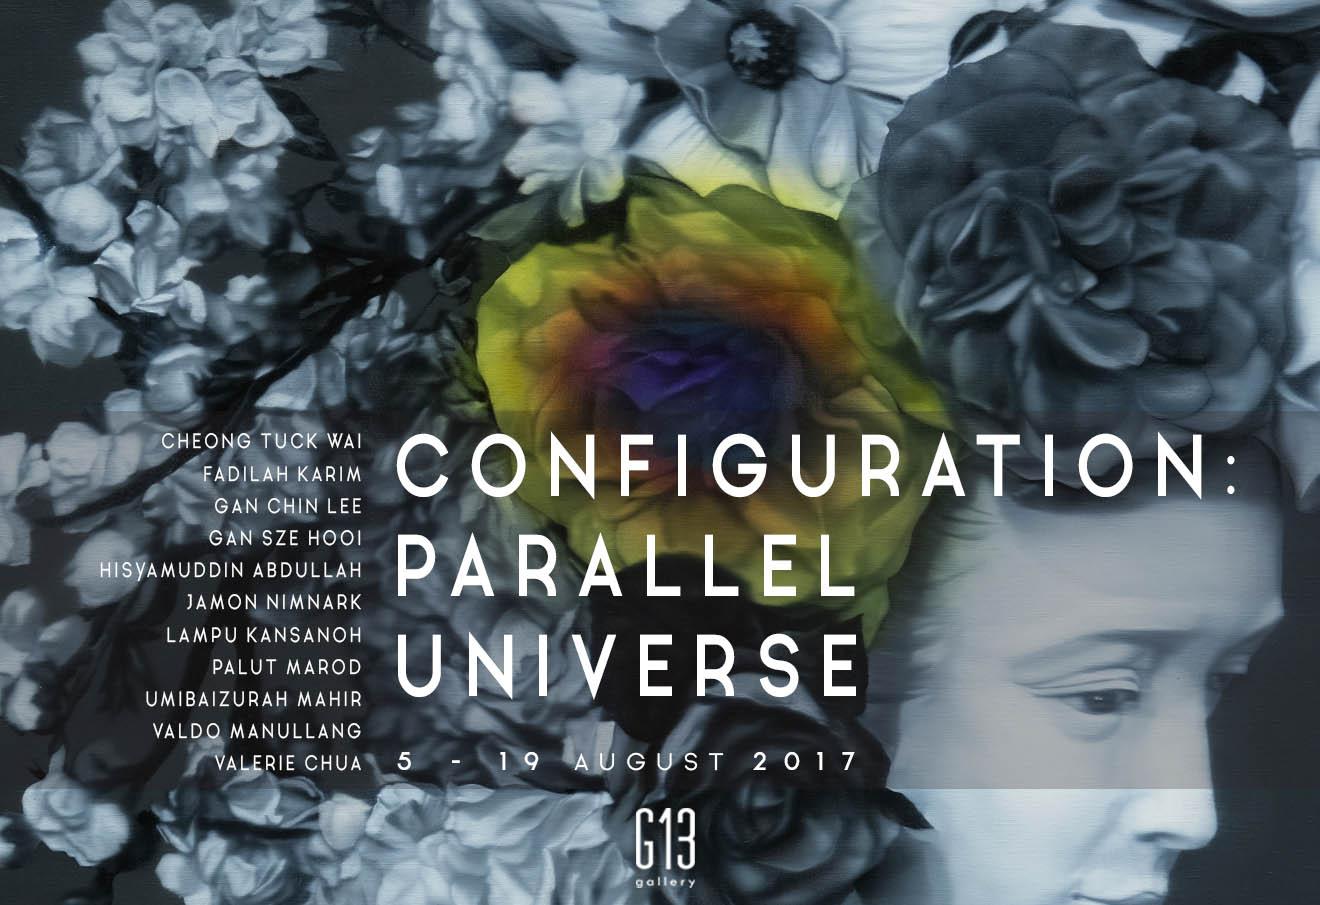 CONFIGURATION: PARALLEL UNIVERSE